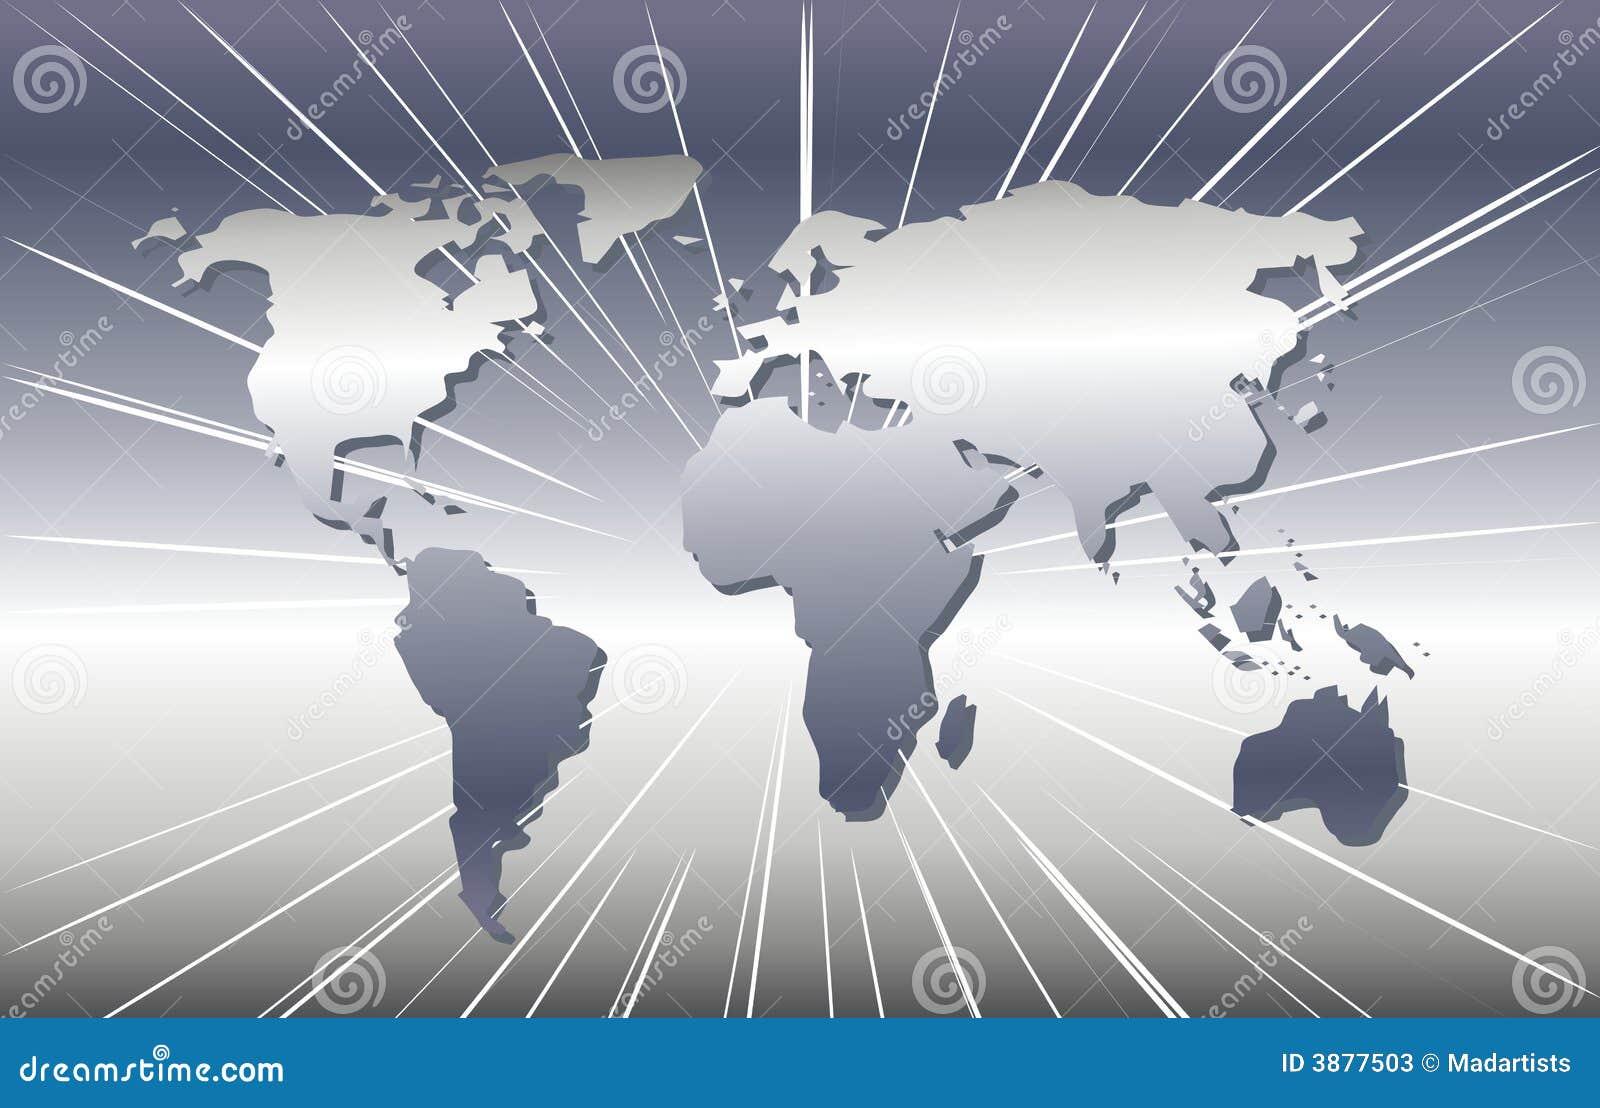 Programma del mondo in argento